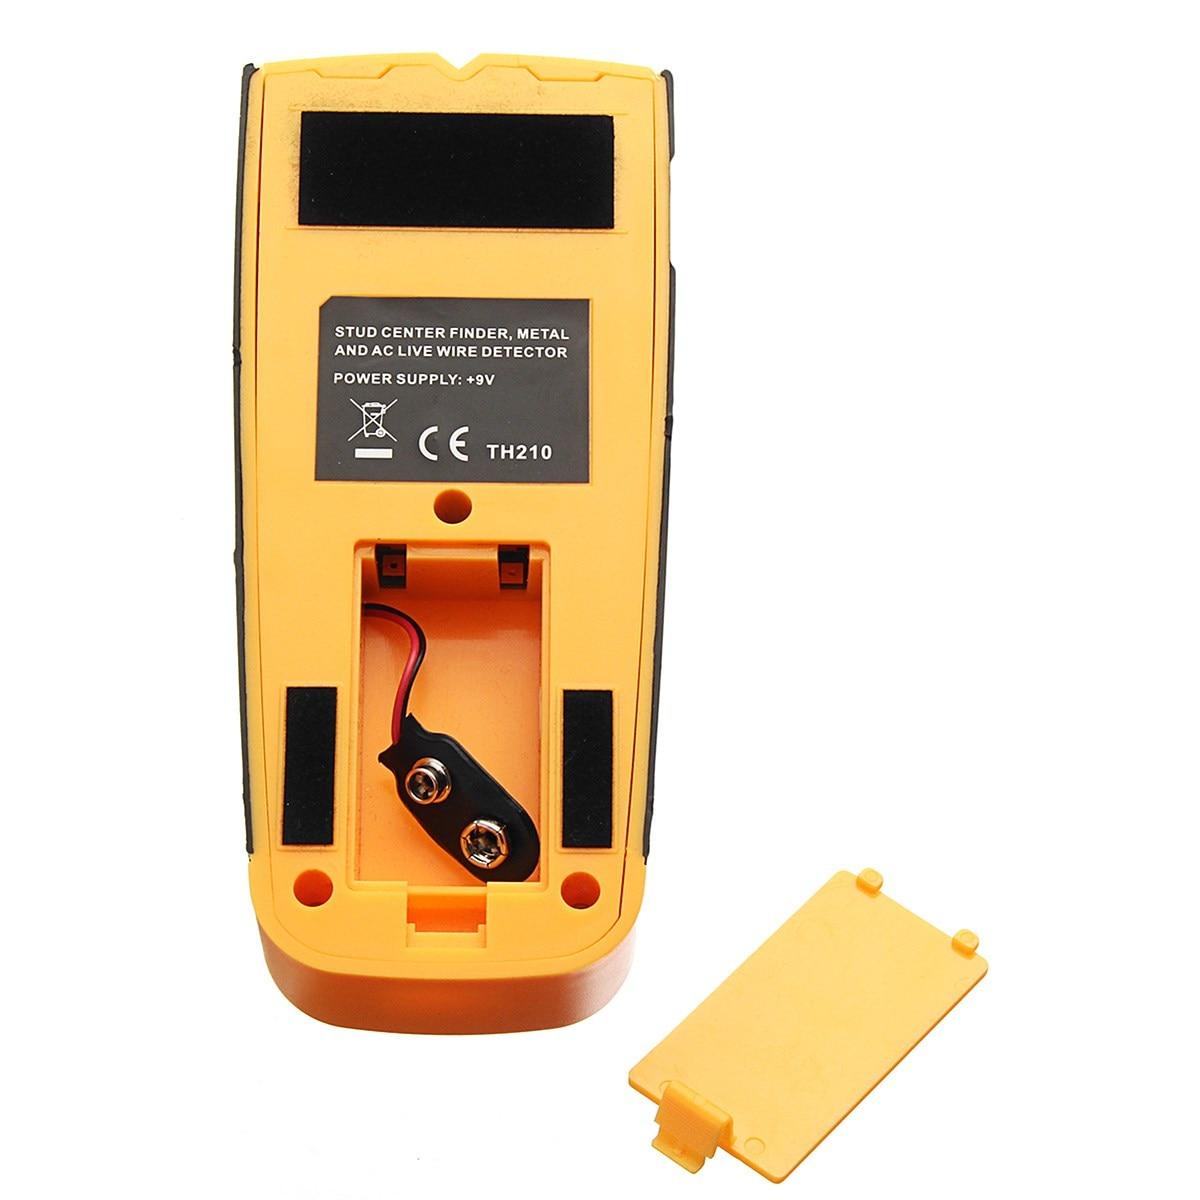 3 in 1 Metalldetektor Digital AC Draht Holz Stud Finder Tester ...